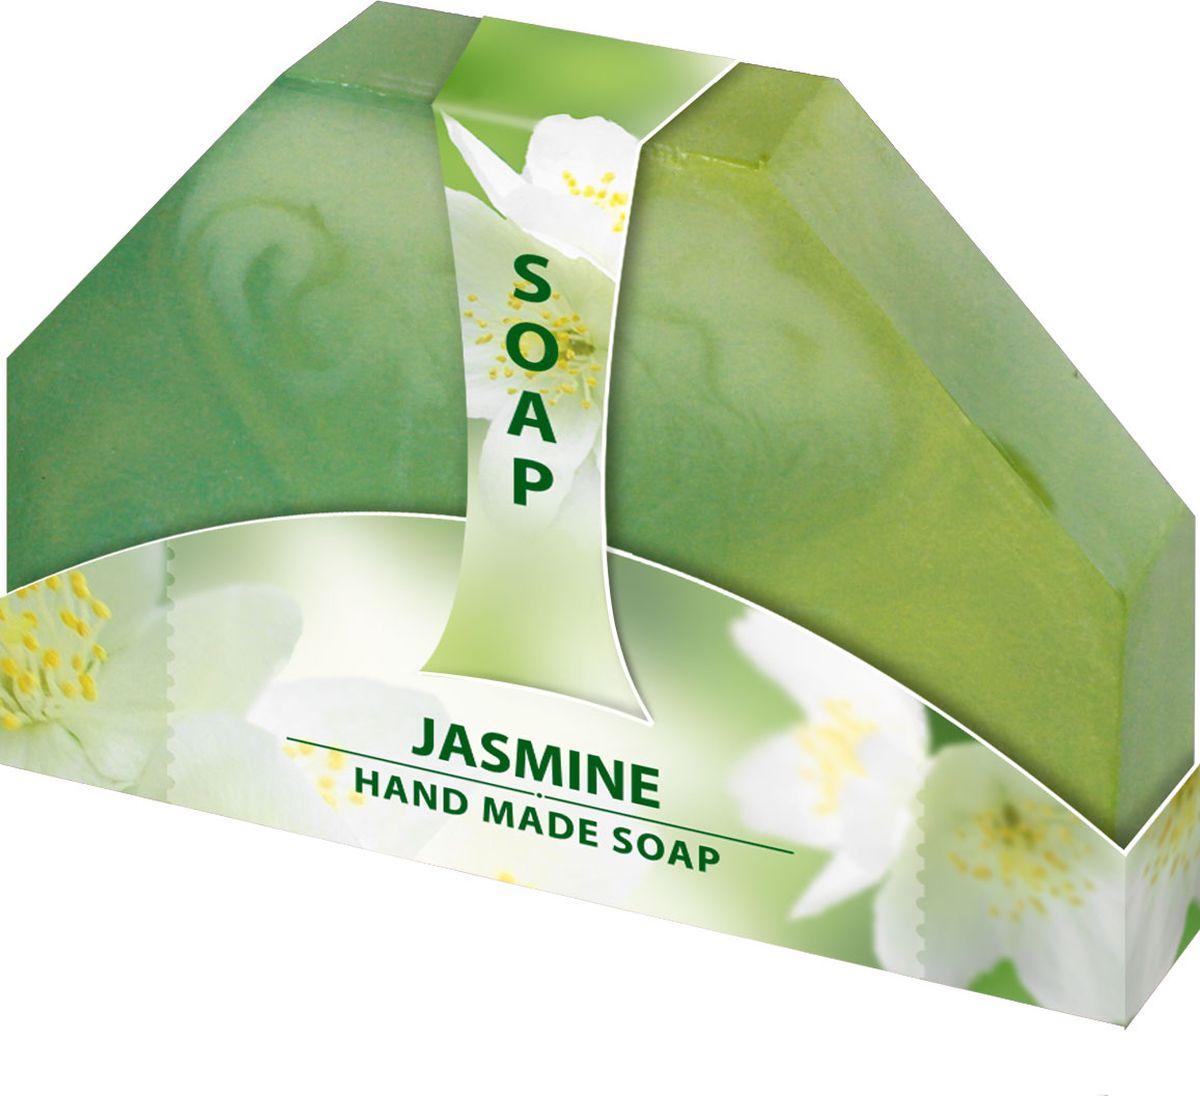 Мыло ручной работы Жасмин Hand made spa collection, 80 г6000728Мыло из нежного природного пальмового масла, содержит натуральный экстракт жасмина. Имеет приятный цветочный аромат, который наполнит вашу душу удовольствием. Наслаждайтесь гладкостью кожи после каждого использования. Очищает и тонизирует кожу, делая ее бархатистой.